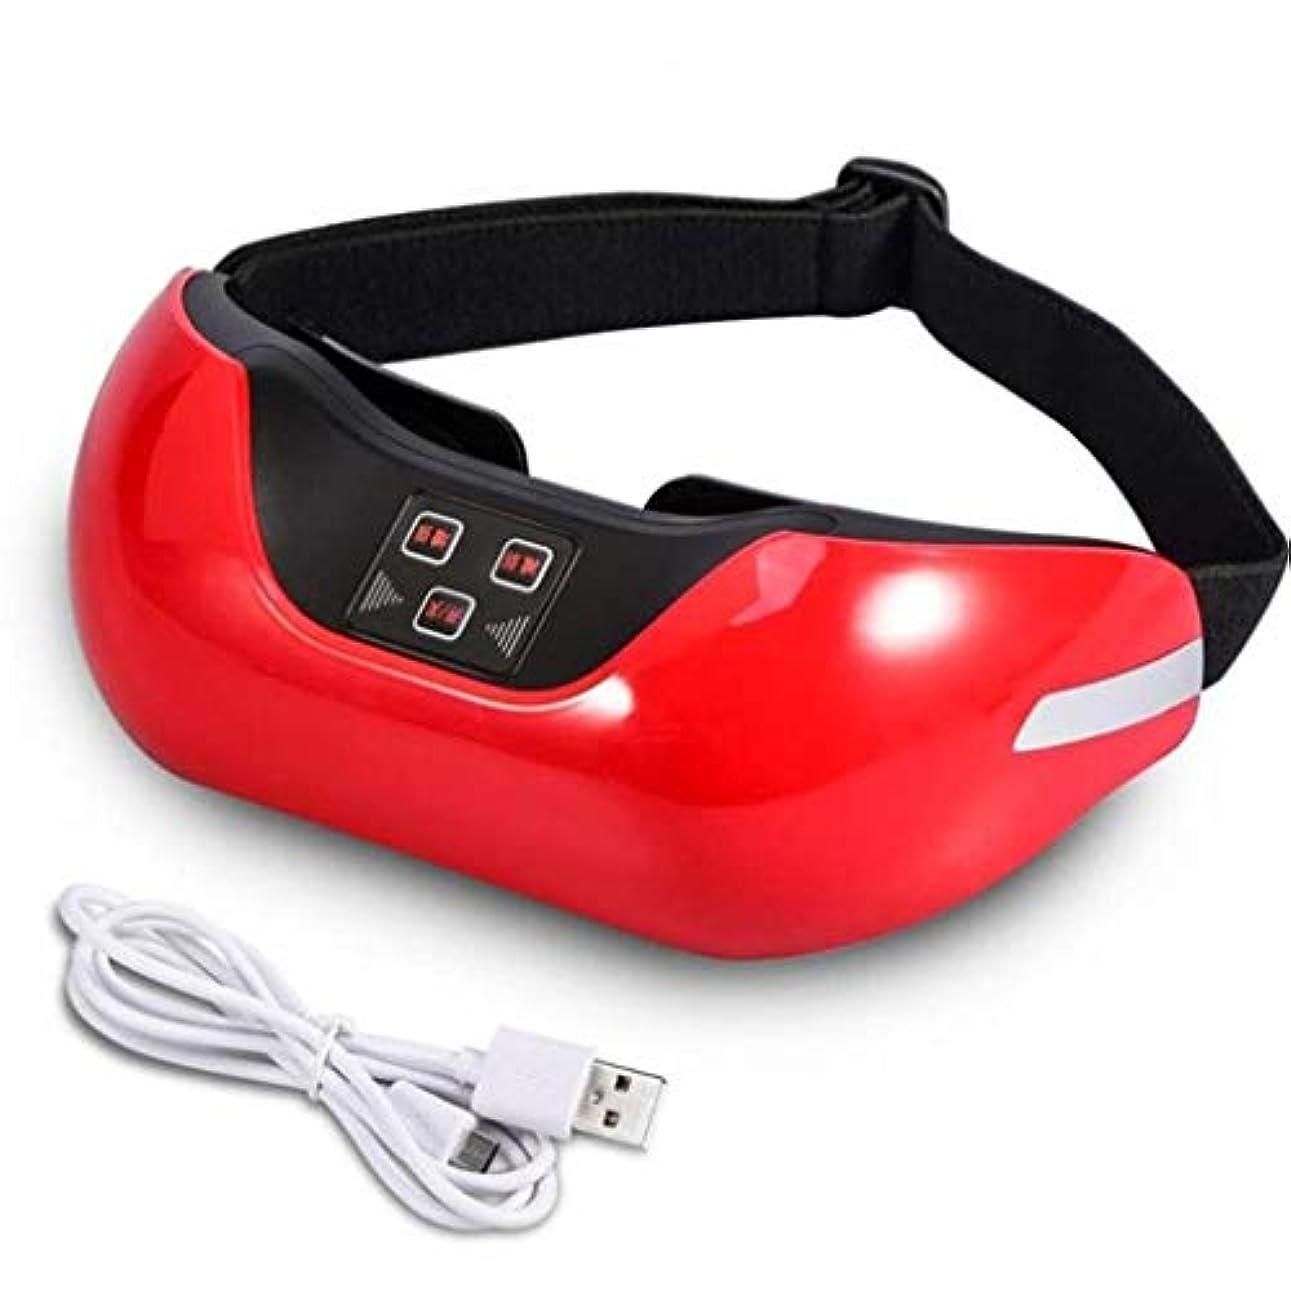 鋭くハンカチホステスアイマッサージャー、ワイヤレス3D充電式グリーンアイリカバリービジョン電動マッサージャー、修復ビジョンマッサージャー、アイケアツールは血液循環を促進し、疲労を和らげます (Color : Red)